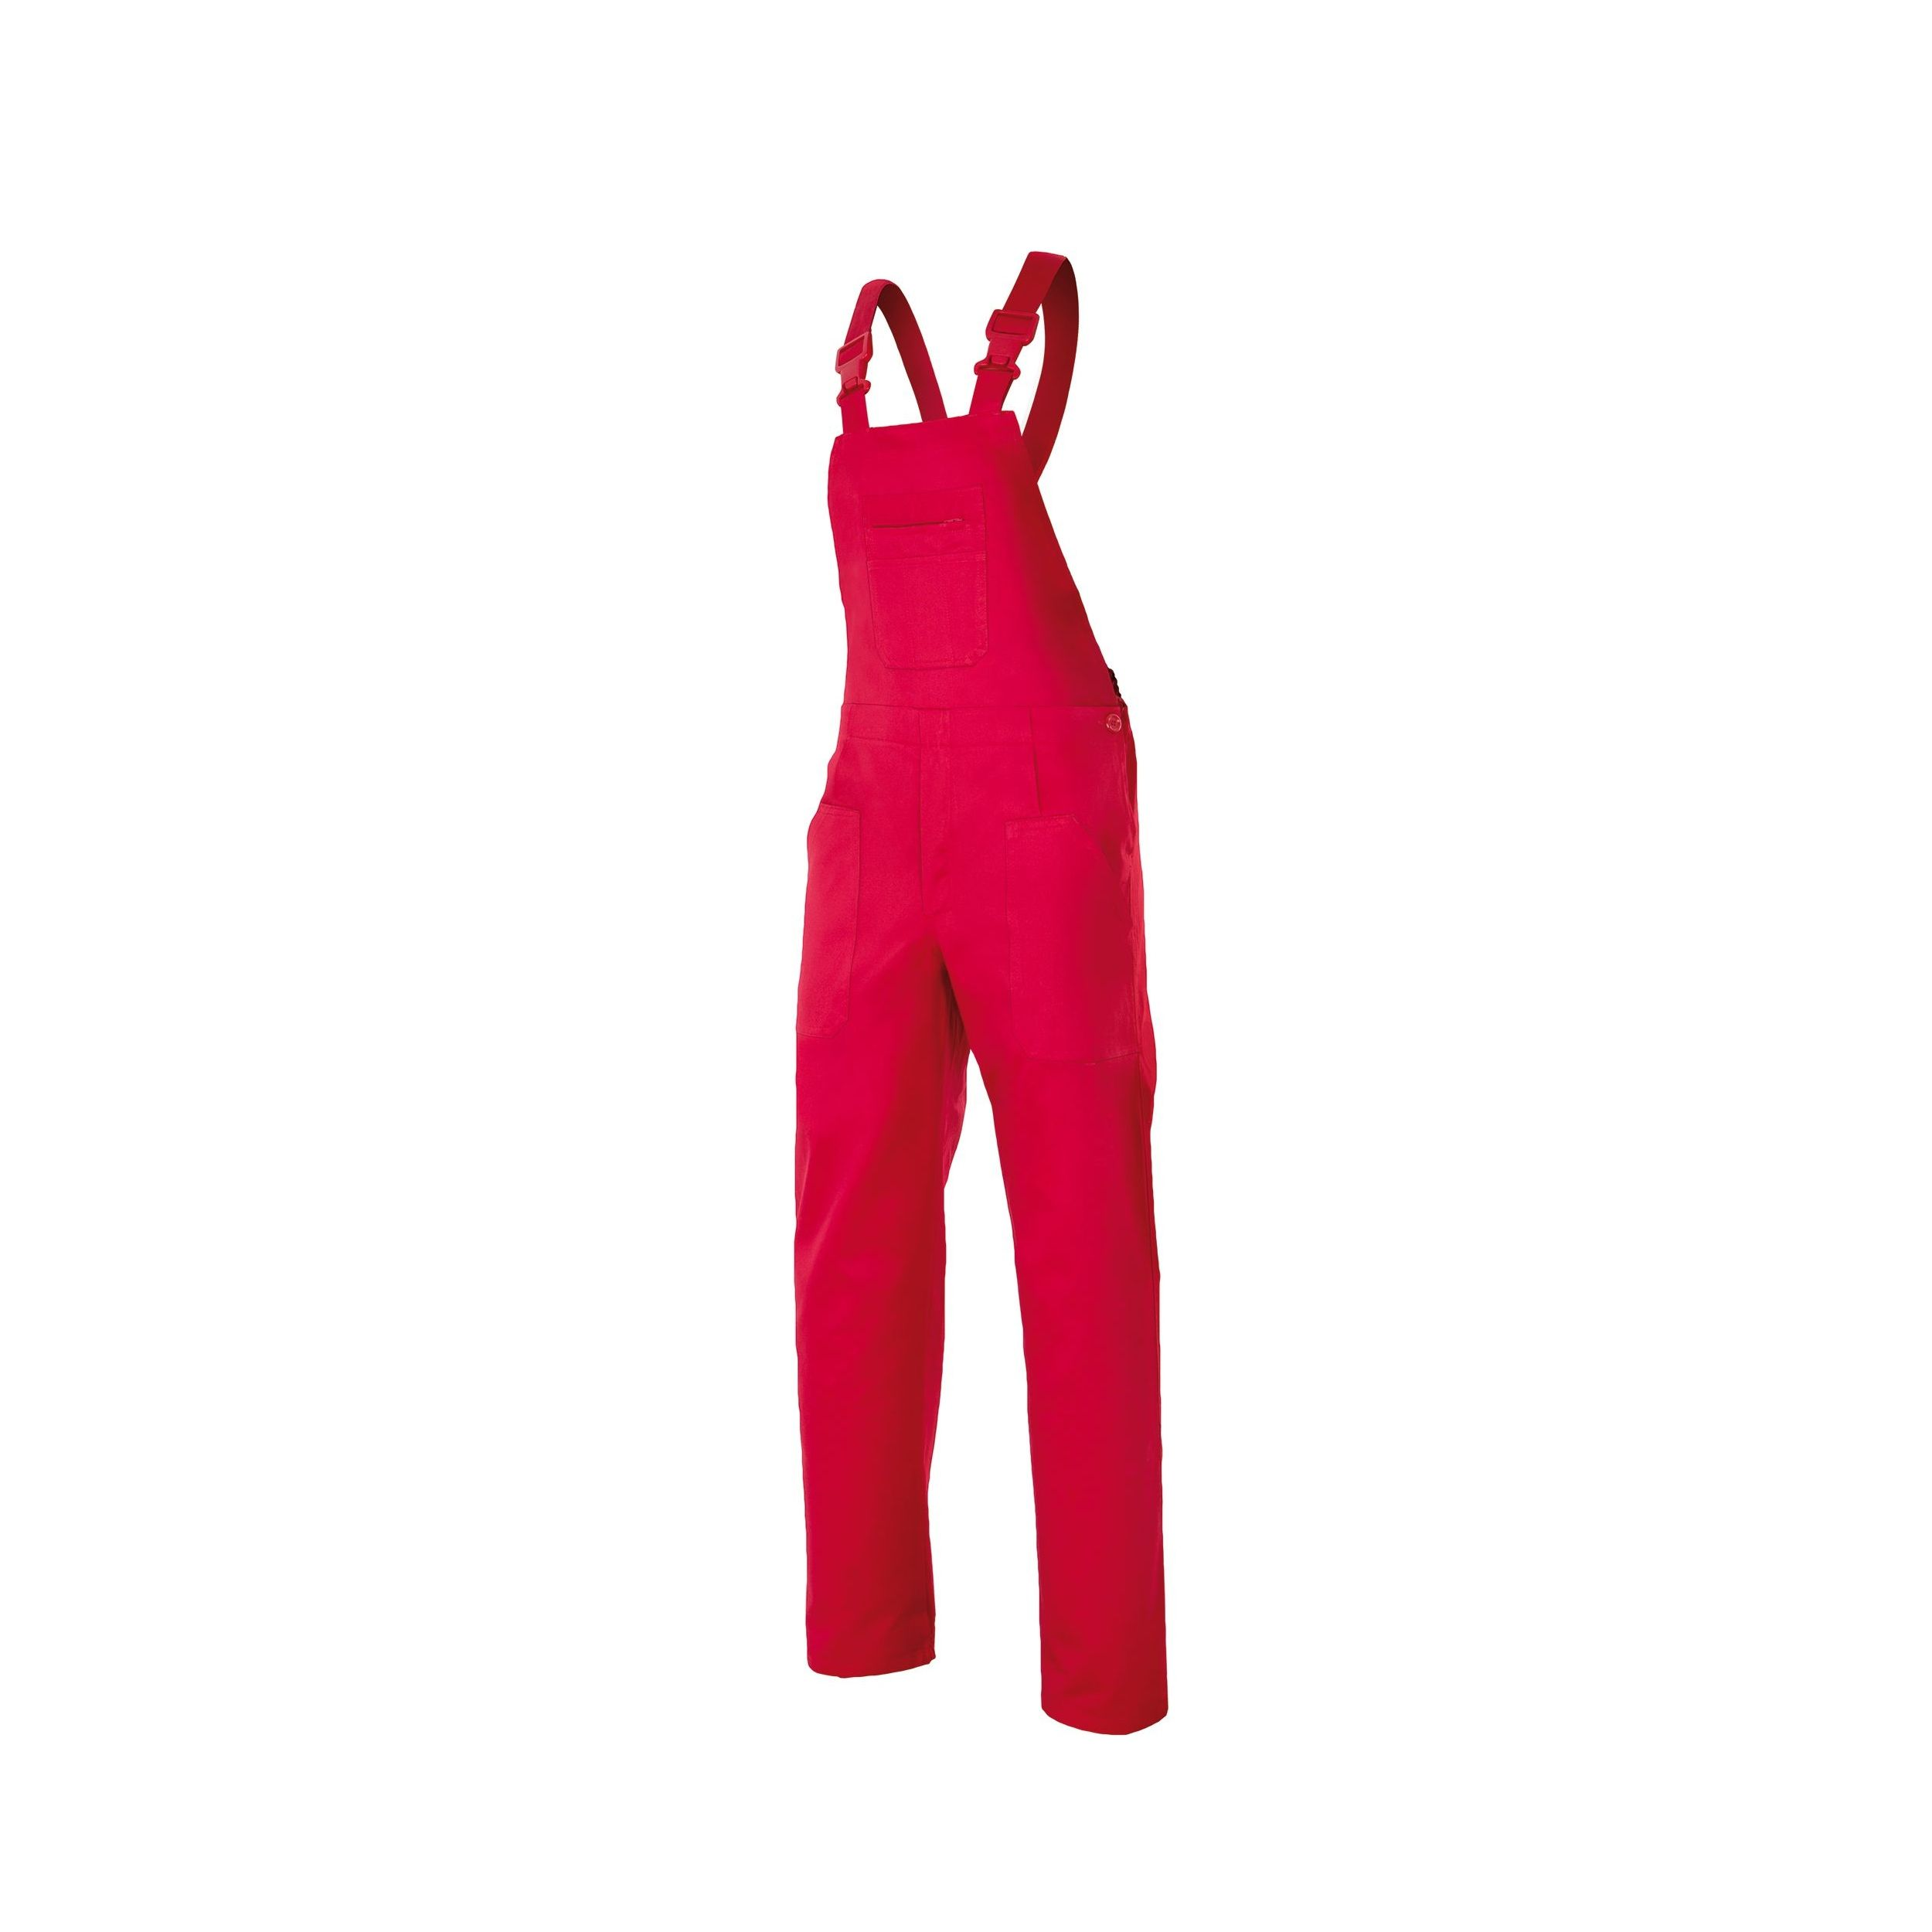 Pantalón con peto (ref: 290, varias tallas disponibles)